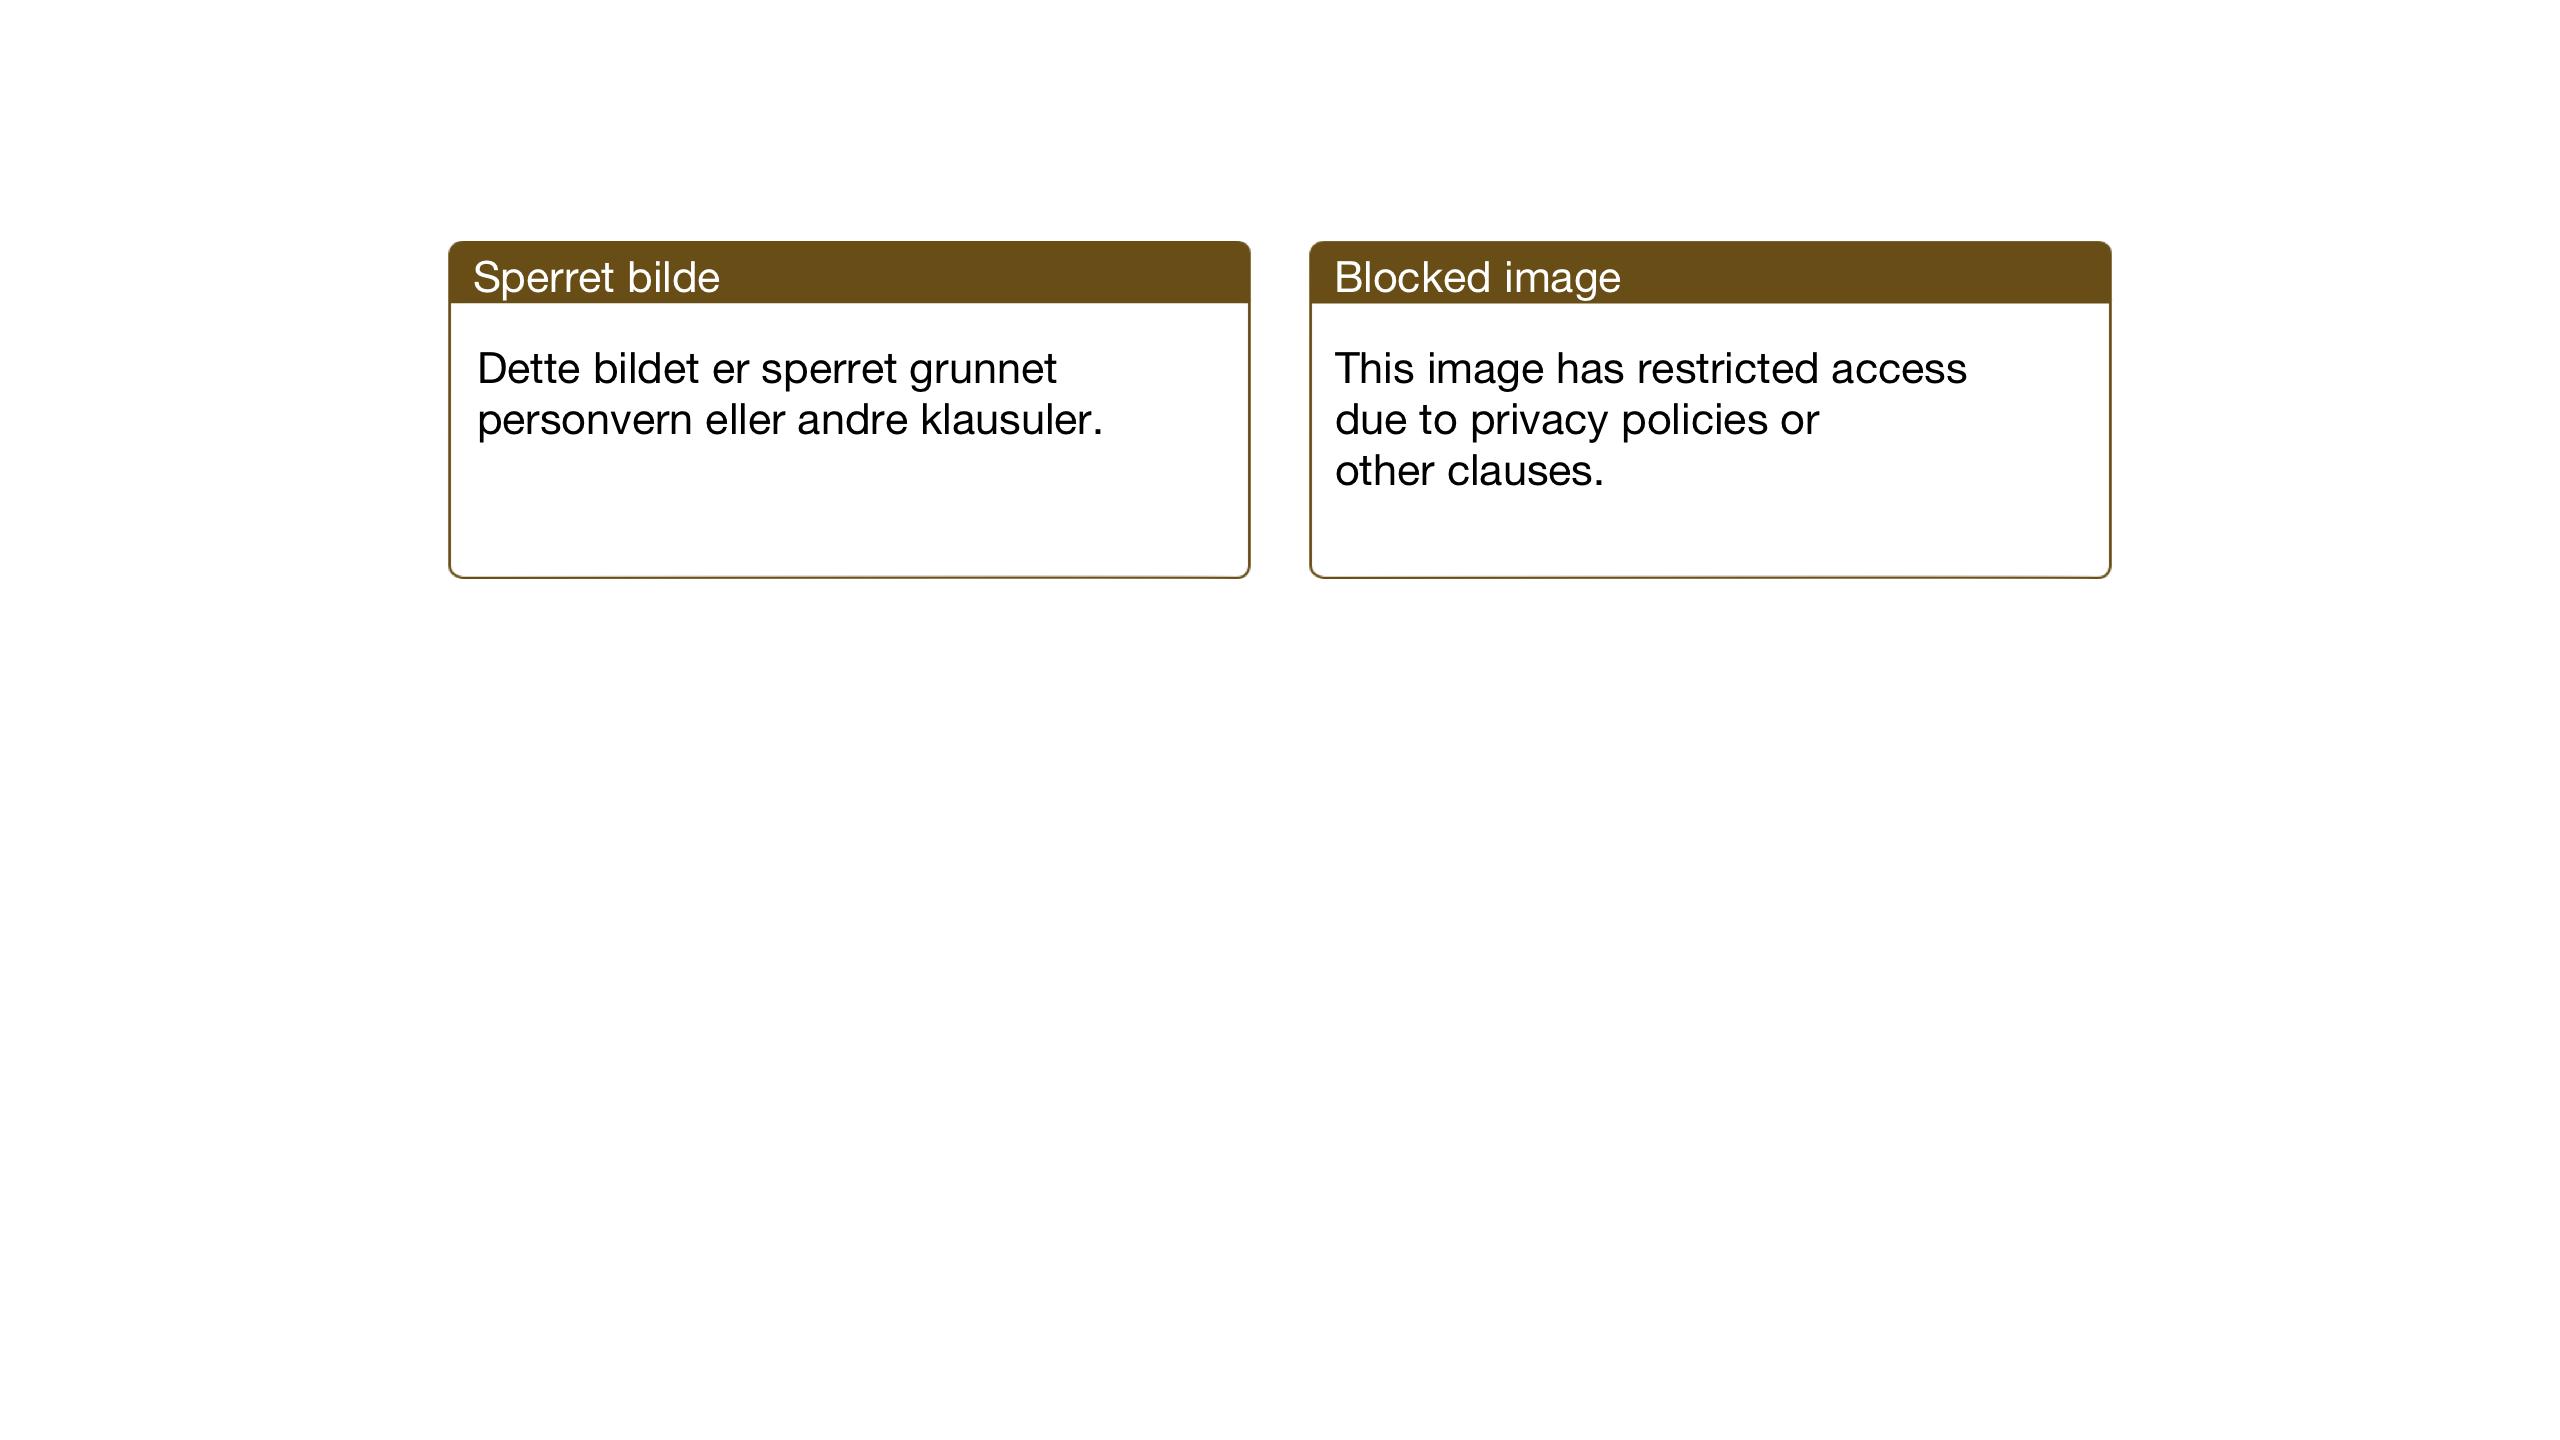 SAT, Ministerialprotokoller, klokkerbøker og fødselsregistre - Sør-Trøndelag, 657/L0718: Klokkerbok nr. 657C05, 1923-1948, s. 196